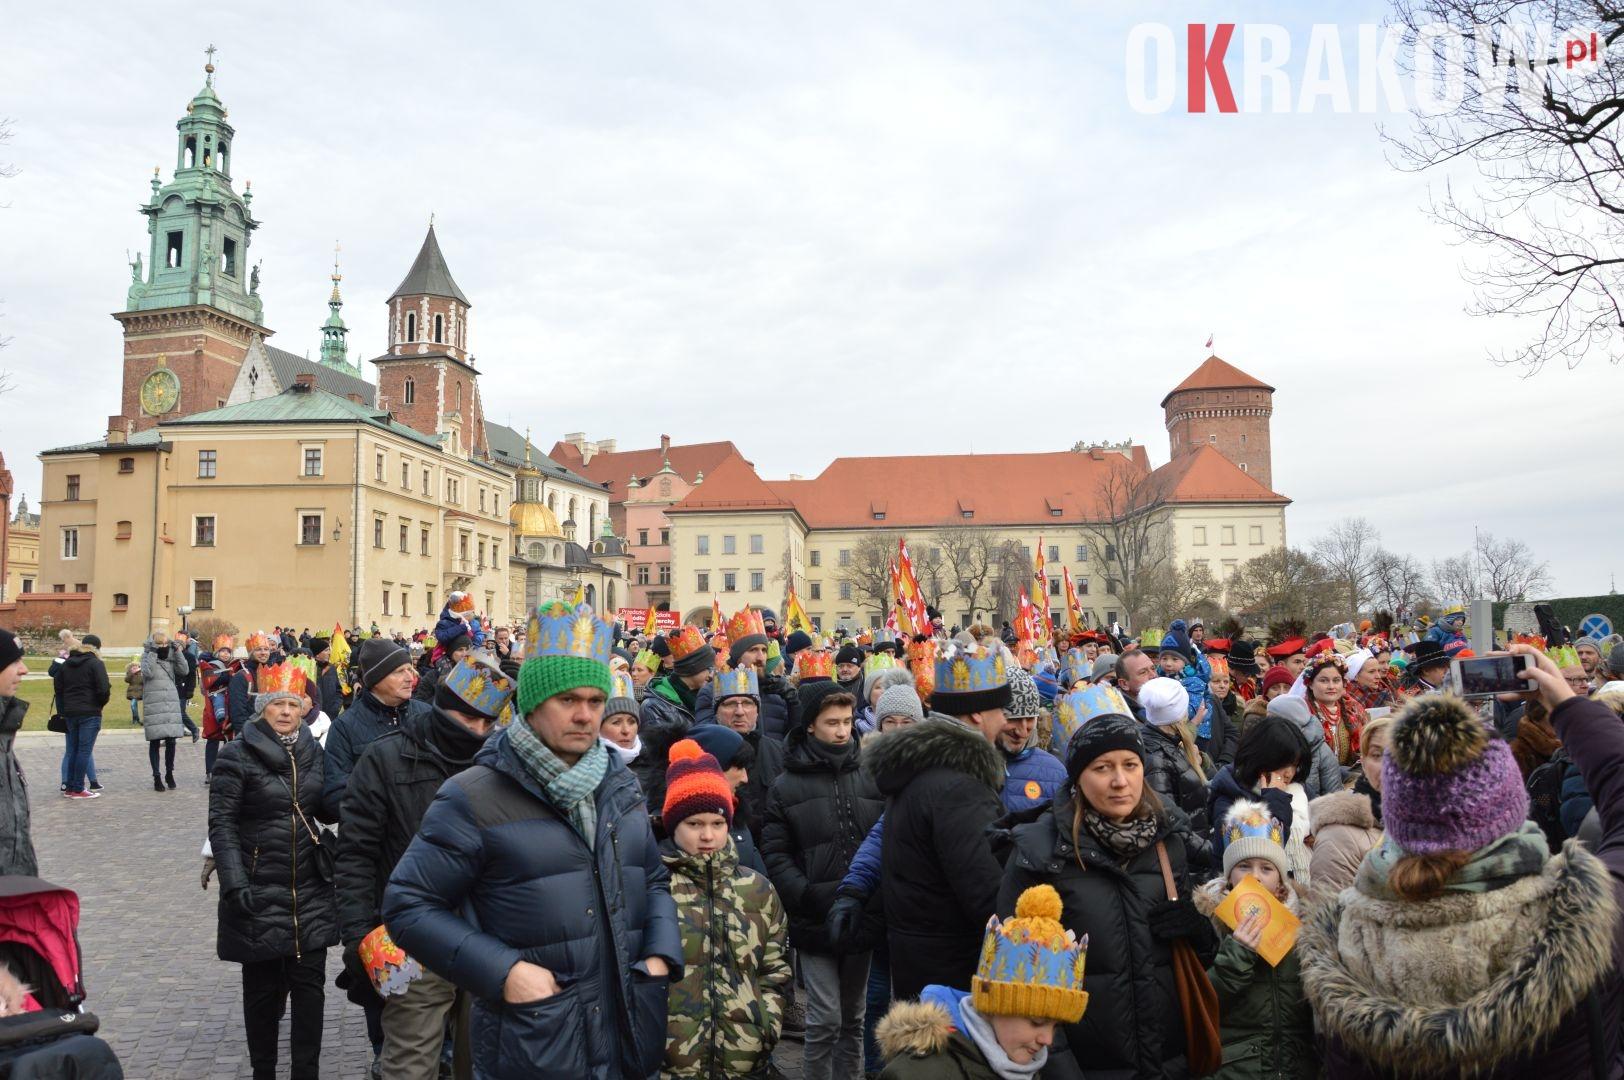 orszak 20 1 150x150 - Orszak Trzech Króli Kraków 2020 Galeria Zdjęć z Orszaku (czerwonego)